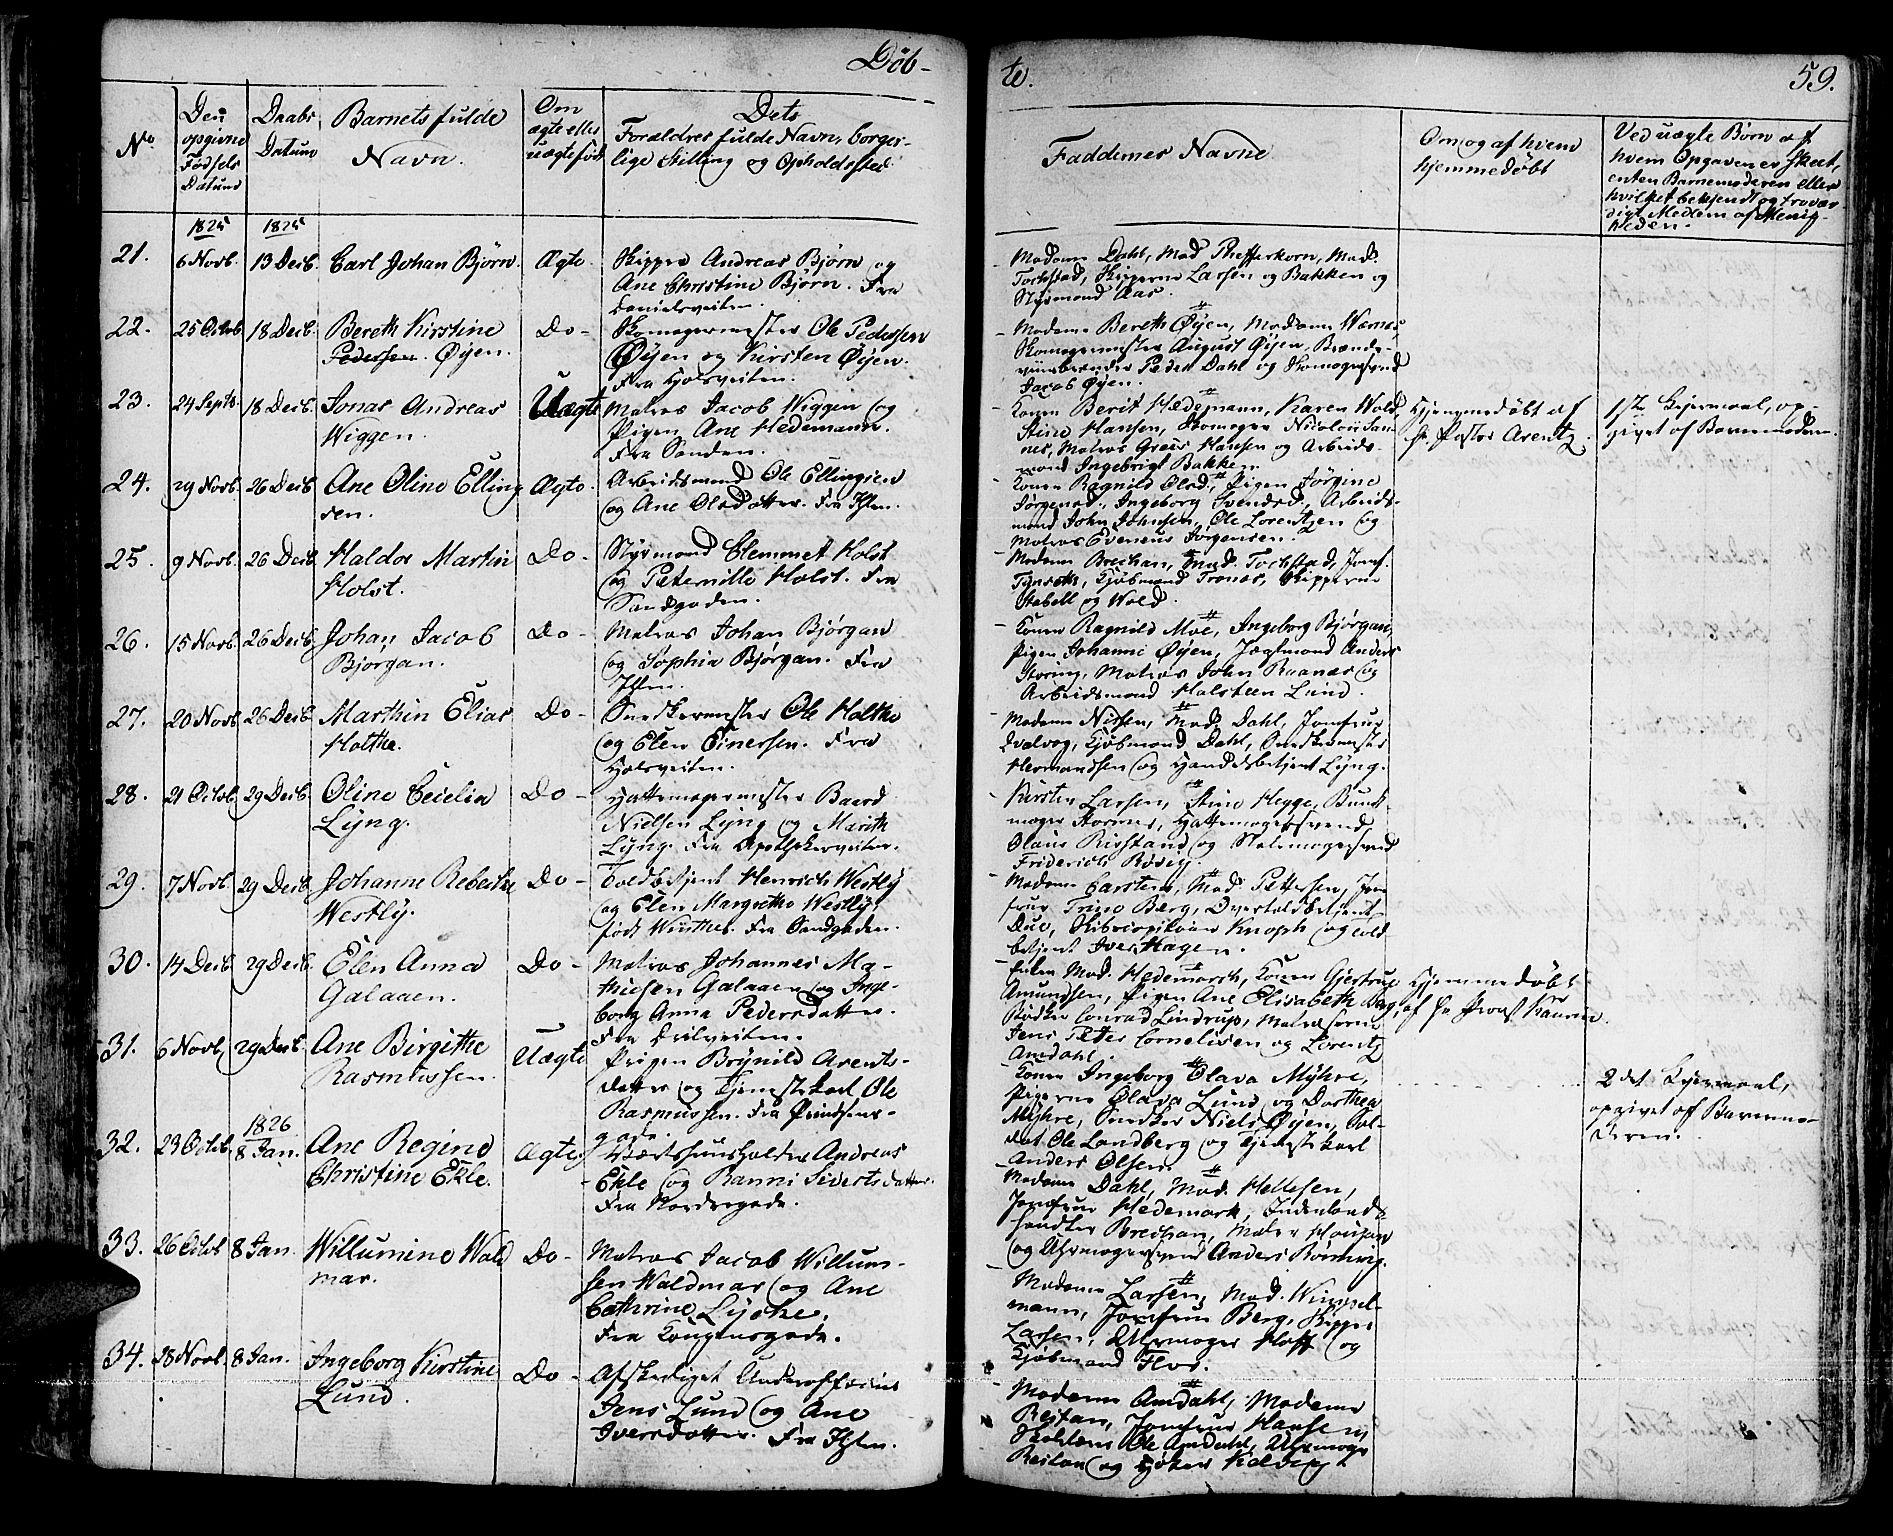 SAT, Ministerialprotokoller, klokkerbøker og fødselsregistre - Sør-Trøndelag, 601/L0045: Ministerialbok nr. 601A13, 1821-1831, s. 59